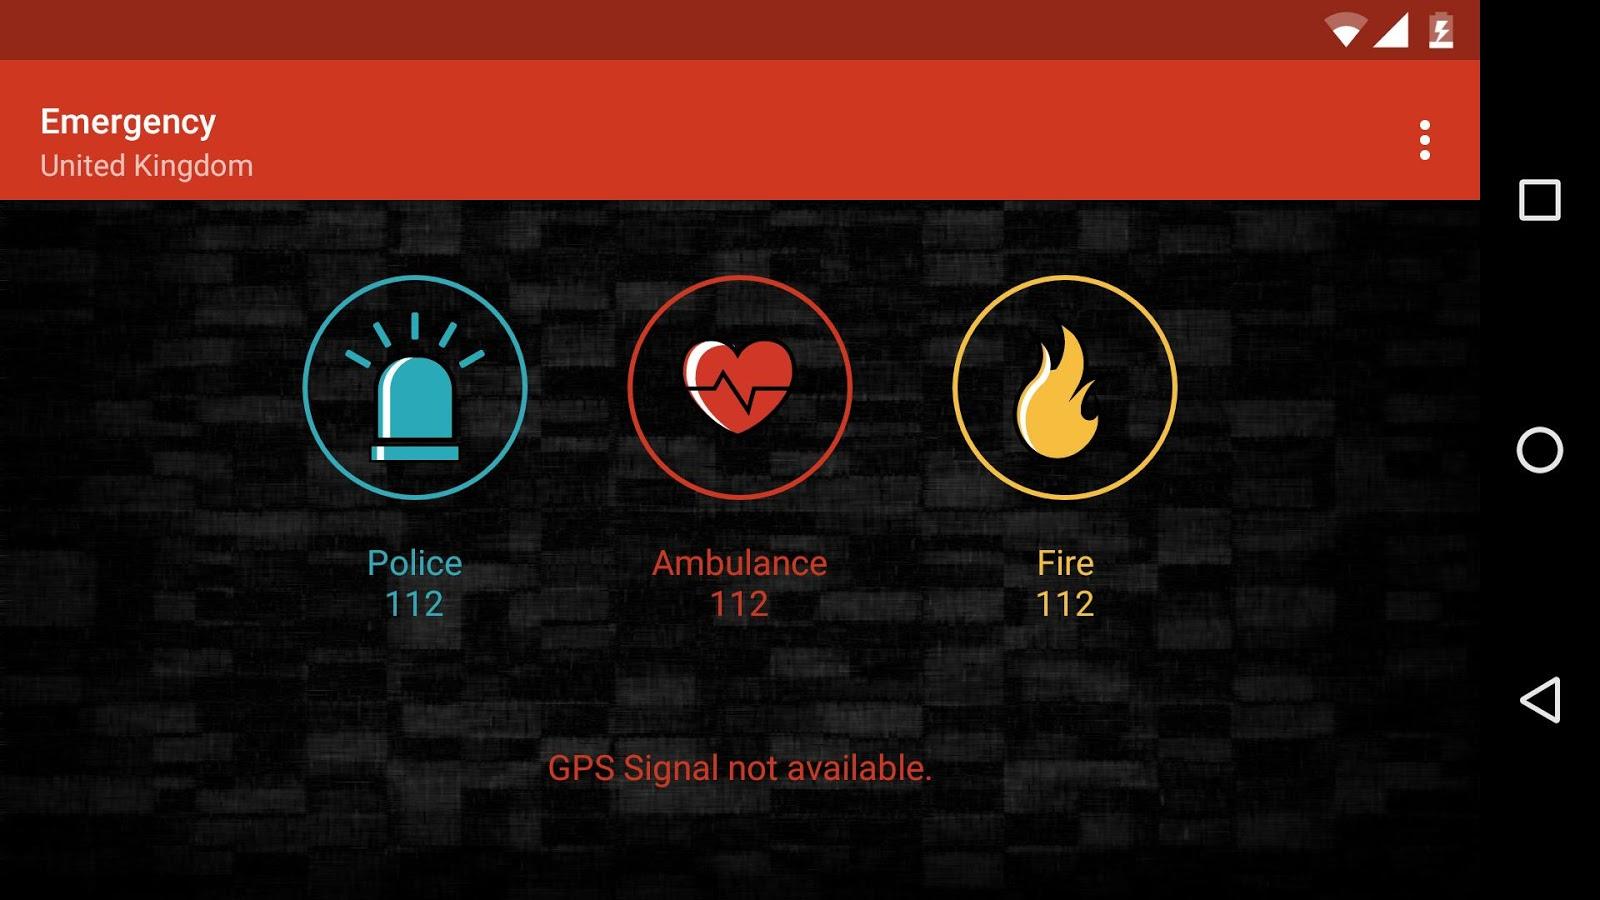 Emergency - στιγμιότυπο οθόνης